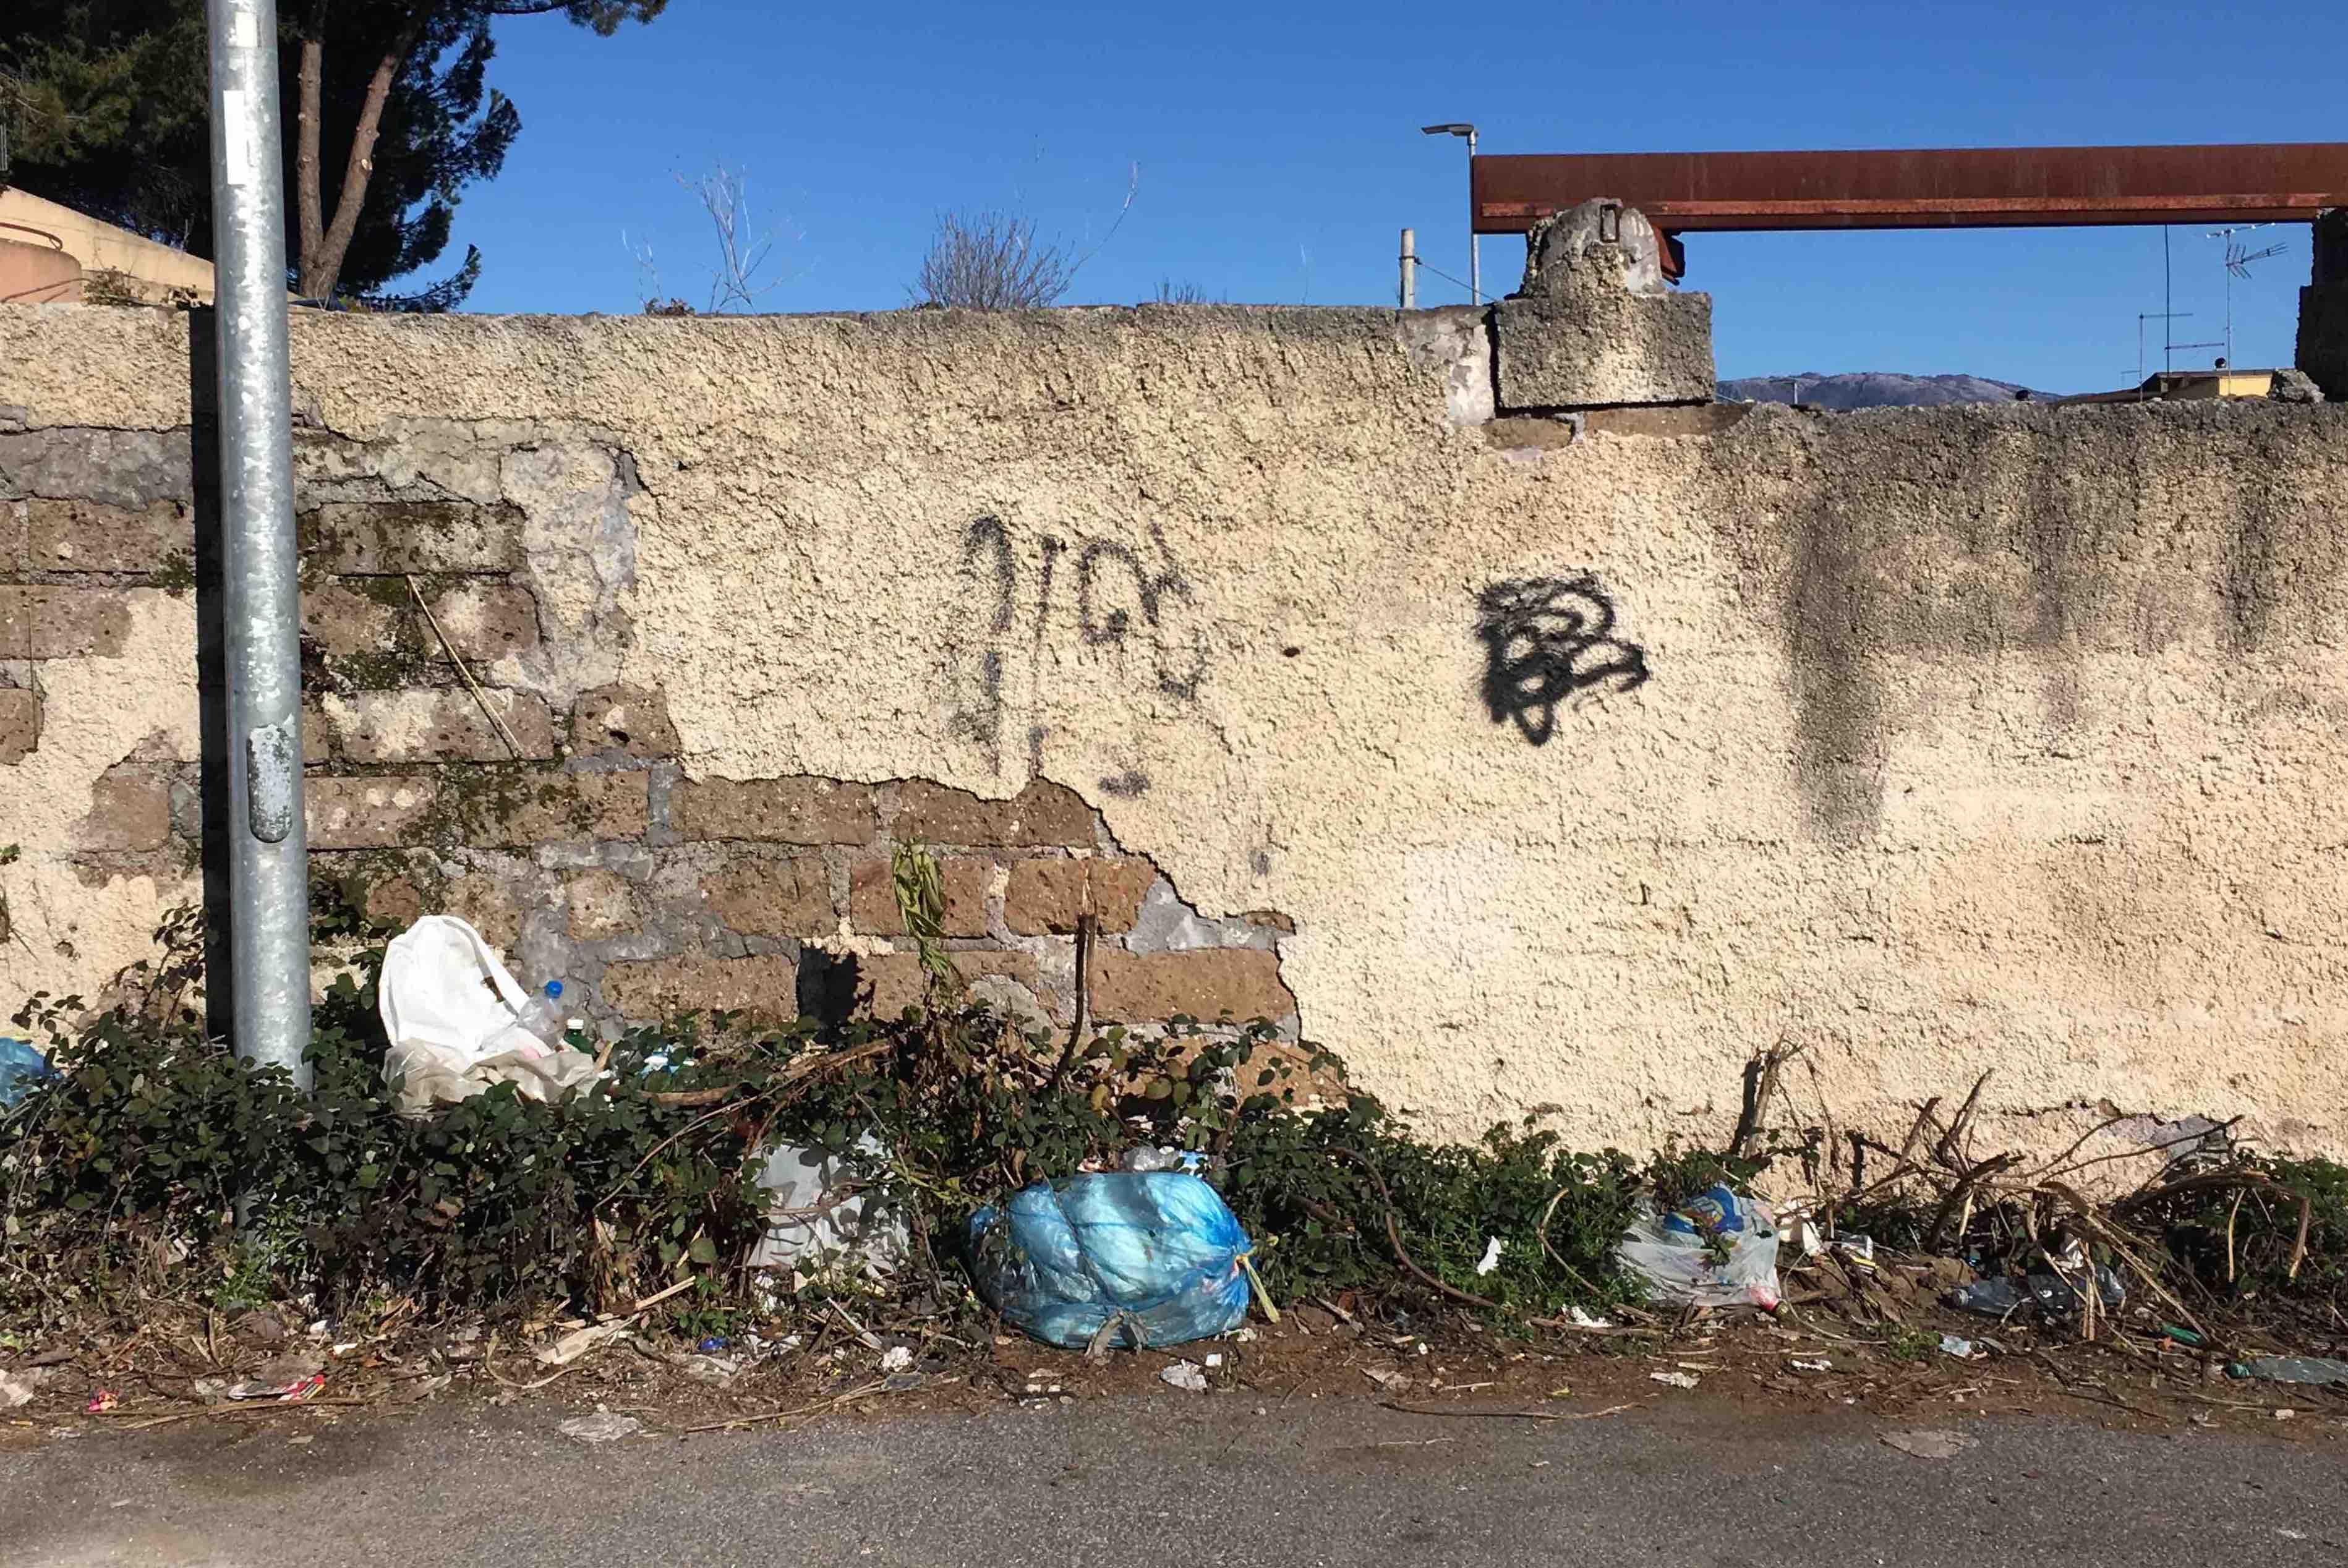 Il muro, l'erba e la spazzatura. Scene di degrado tra Guidonia e Villalba